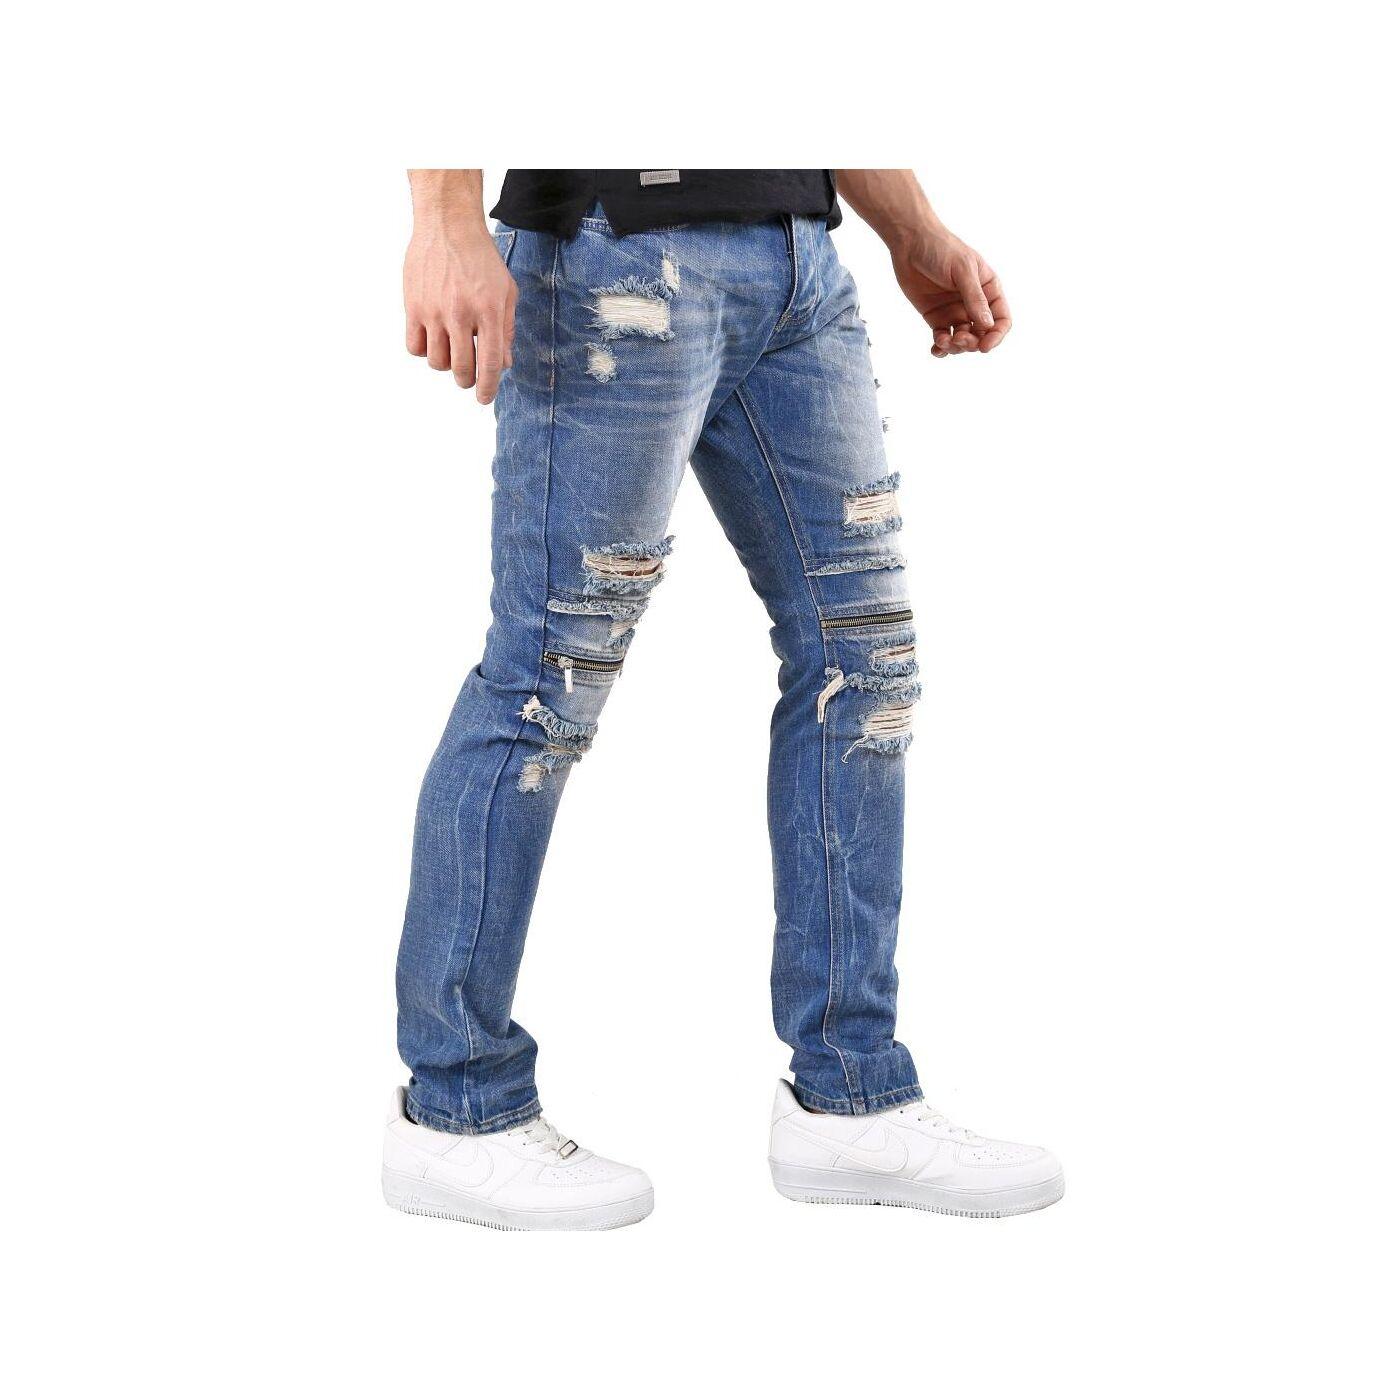 Jeans mit geradem Bein und Destroyed Look | Boohoo